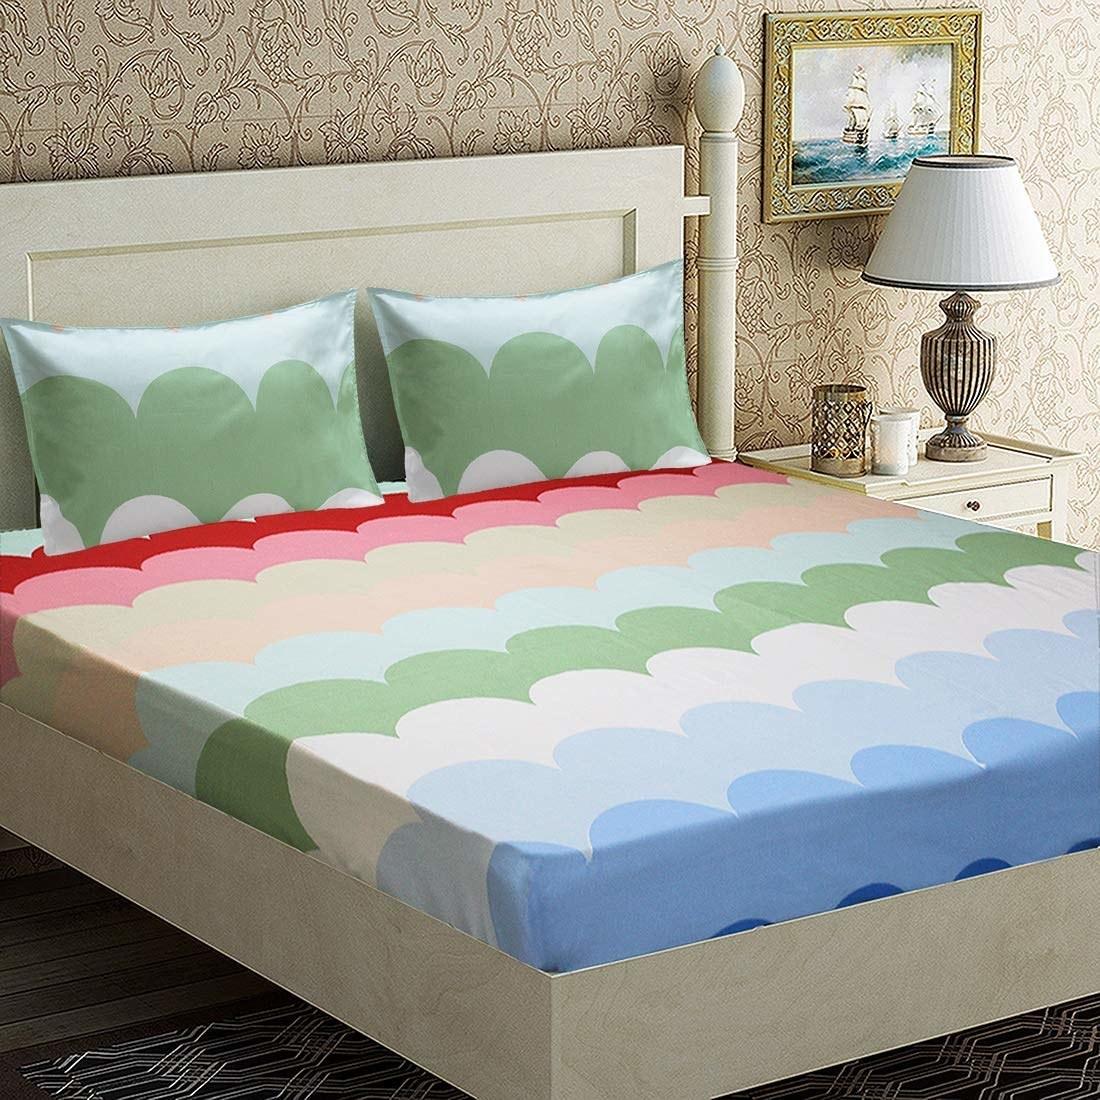 A pastel wavy bedsheet